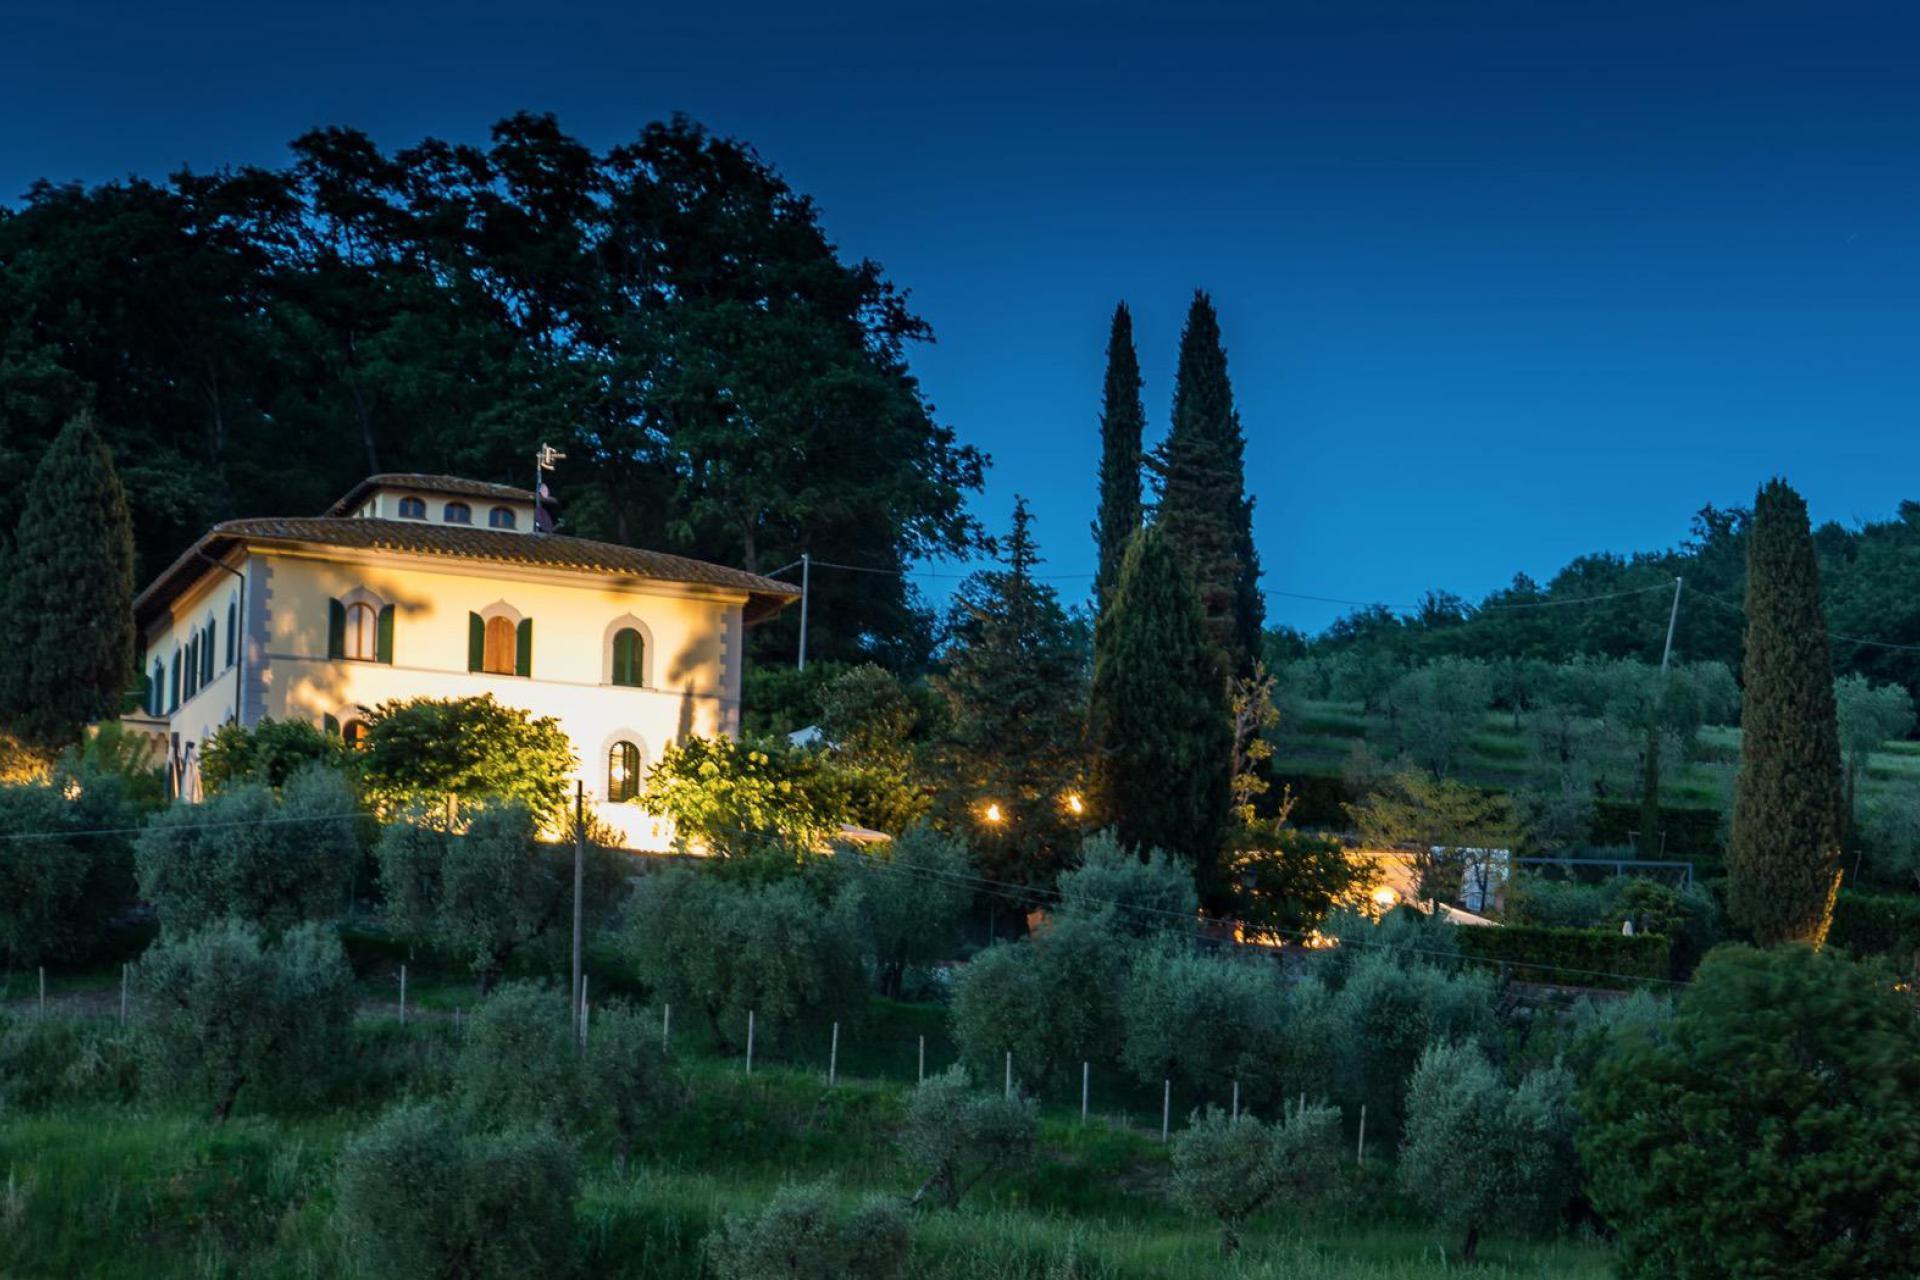 Agriturismo Toskana Agriturismo in Villa zwischen Florenz und Lucca   myitalyselection.de